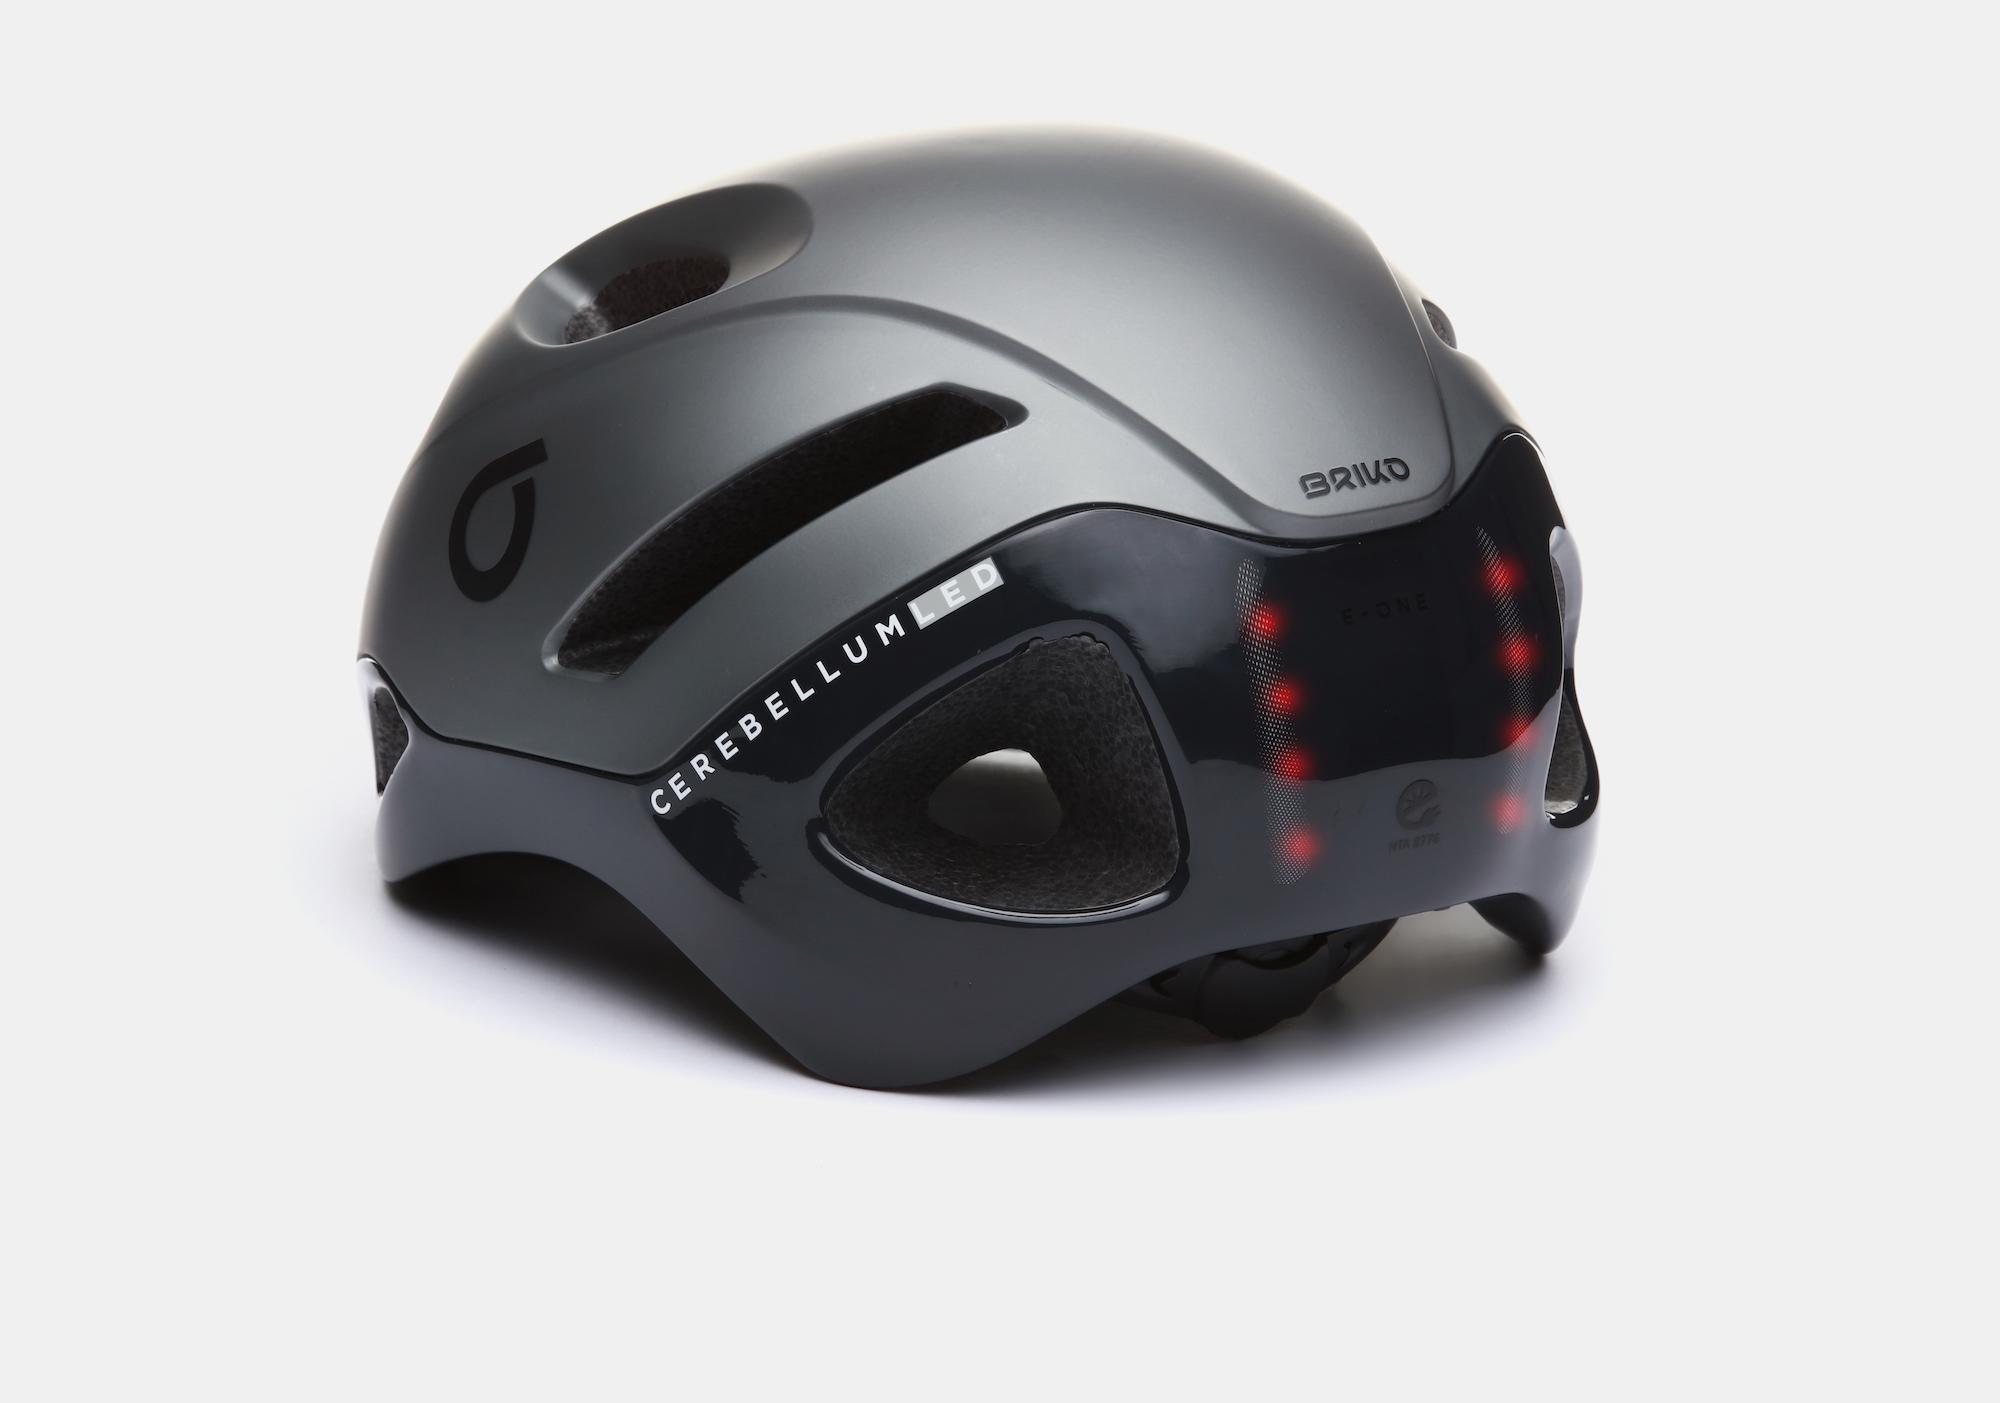 casco-briko-da-bici-led-per-essere-piu-visibili-in-citta